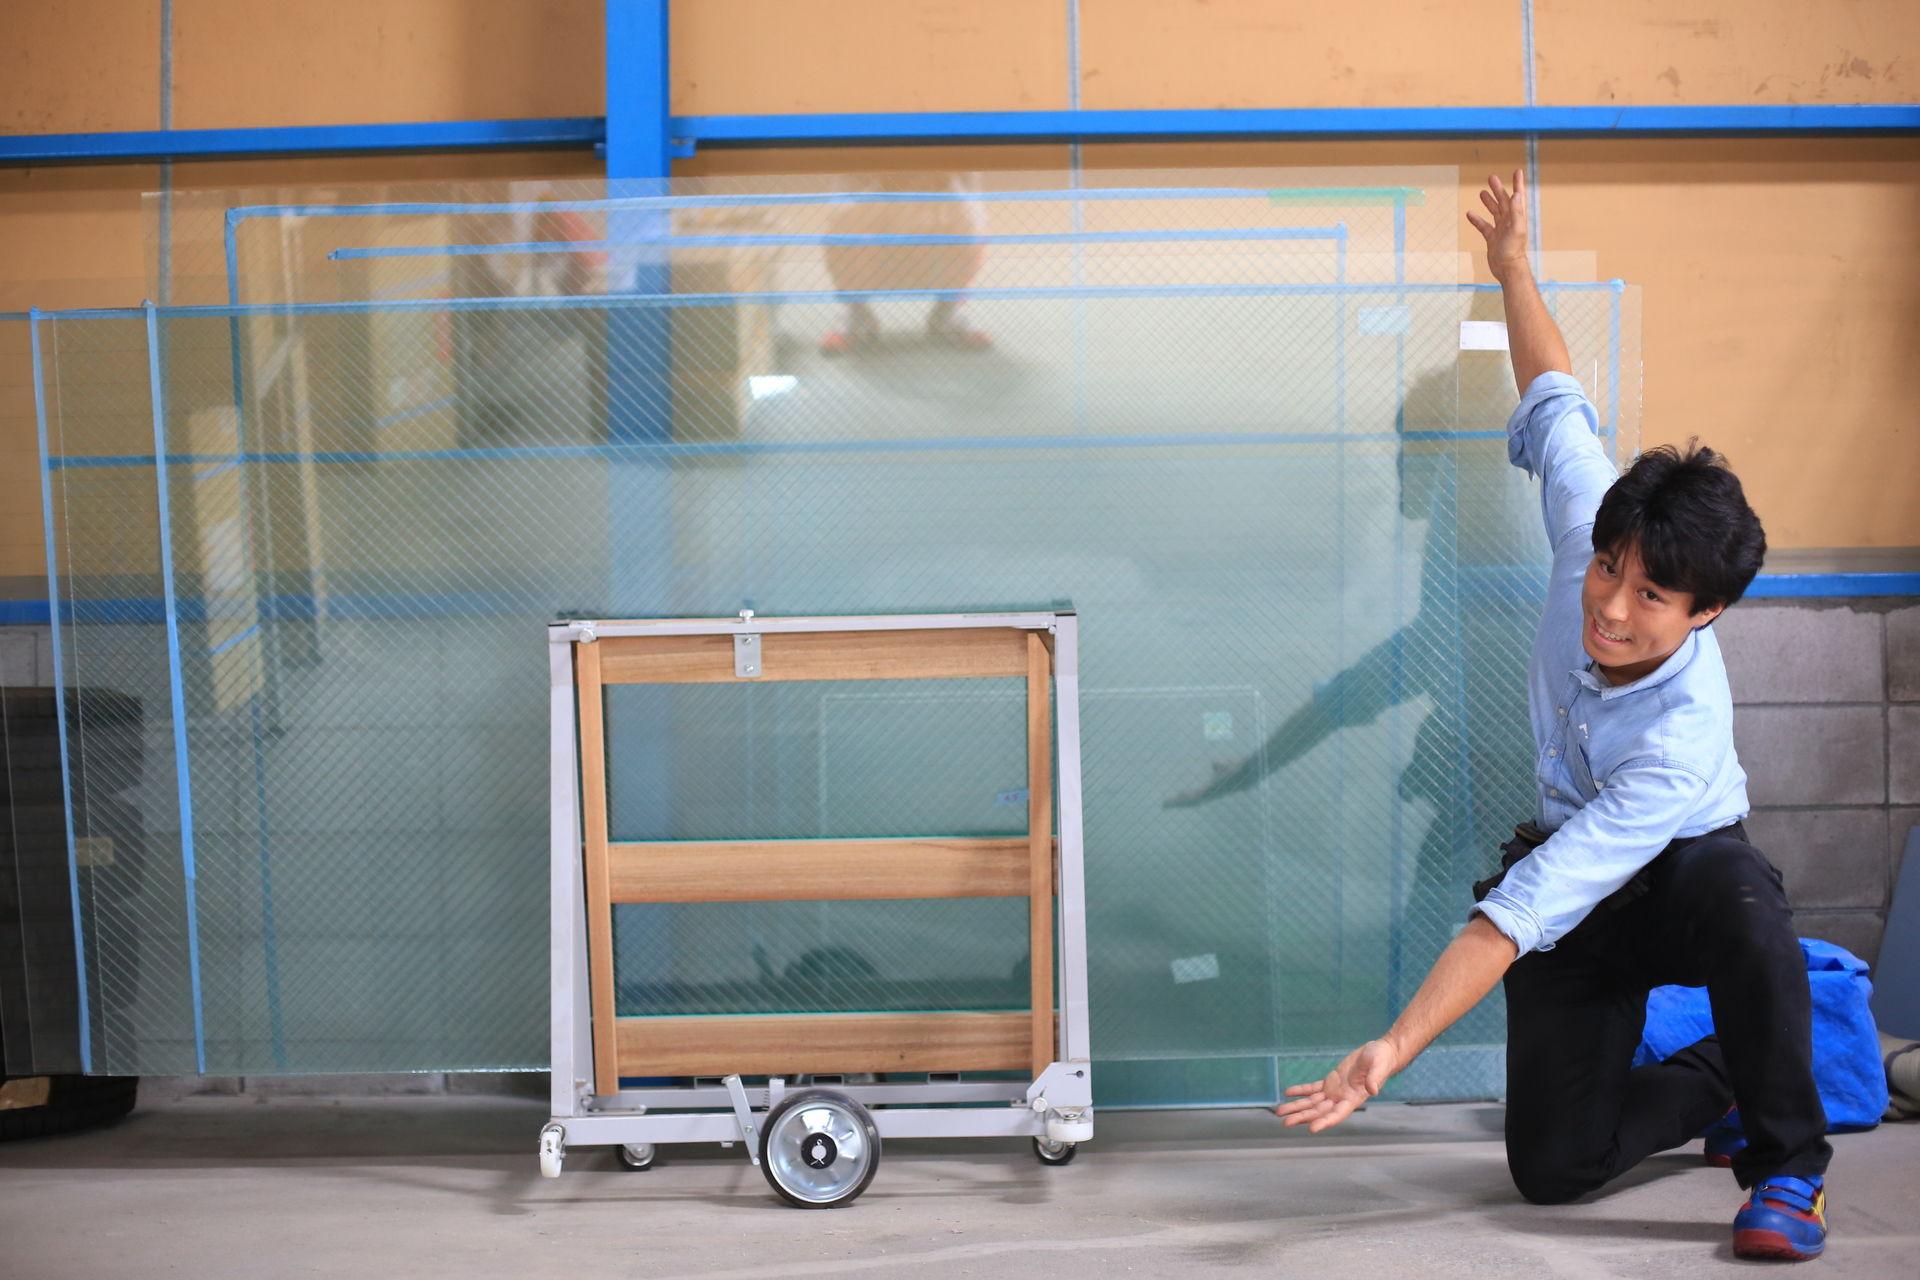 ガラスのトラブル救急車【浜松市浜北区 出張エリア】のメイン画像